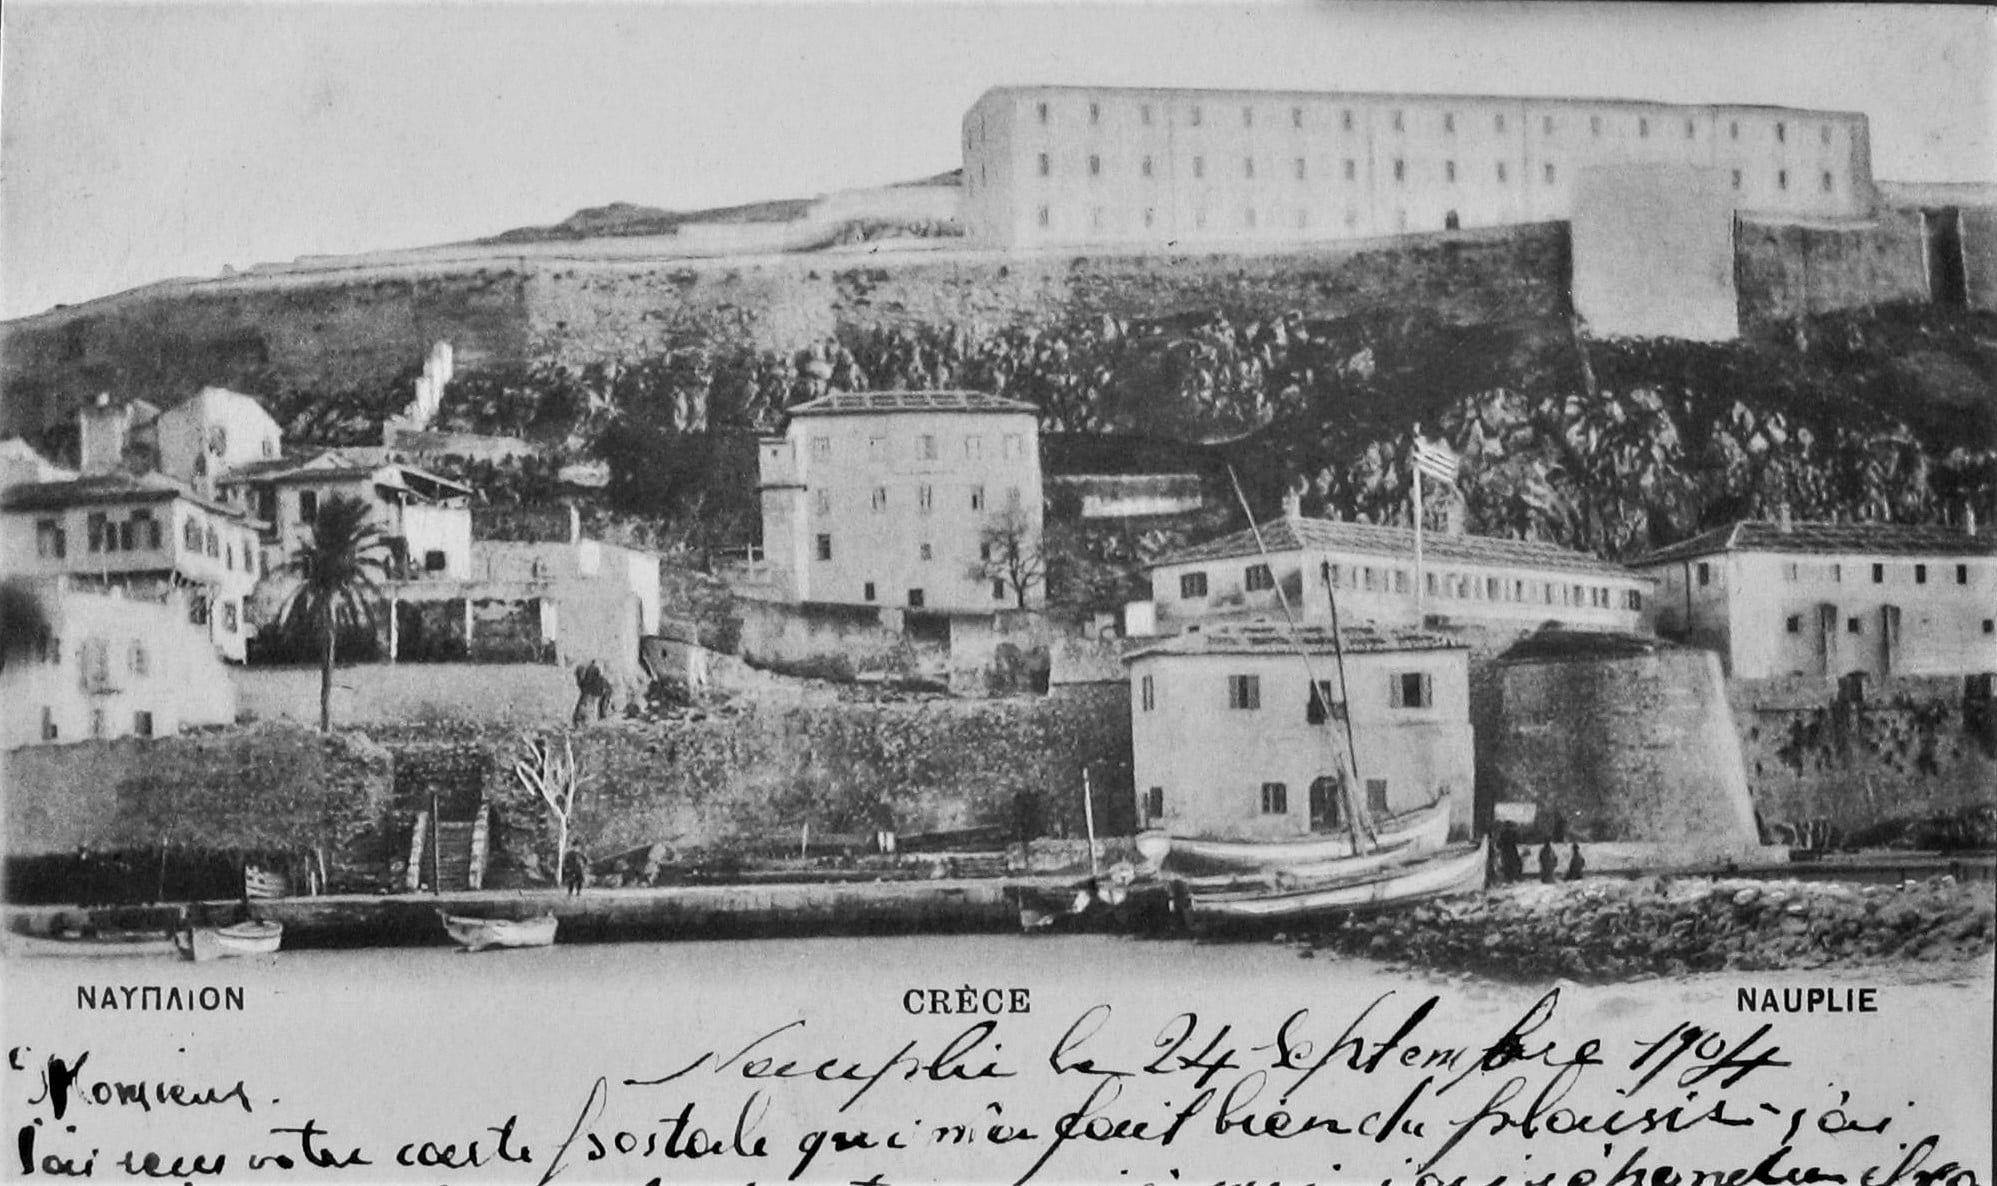 Οι εφιαλτικές φυλακές της Ακροναυπλίας. Εκεί φυλακίστηκε ο Κολοκοτρώνης, οι λιποτάκτες του 1897, Τούρκοι αιχμάλωτοι, στασιαστές του Ναυτικού και οι πρώτοι κομμουνιστές